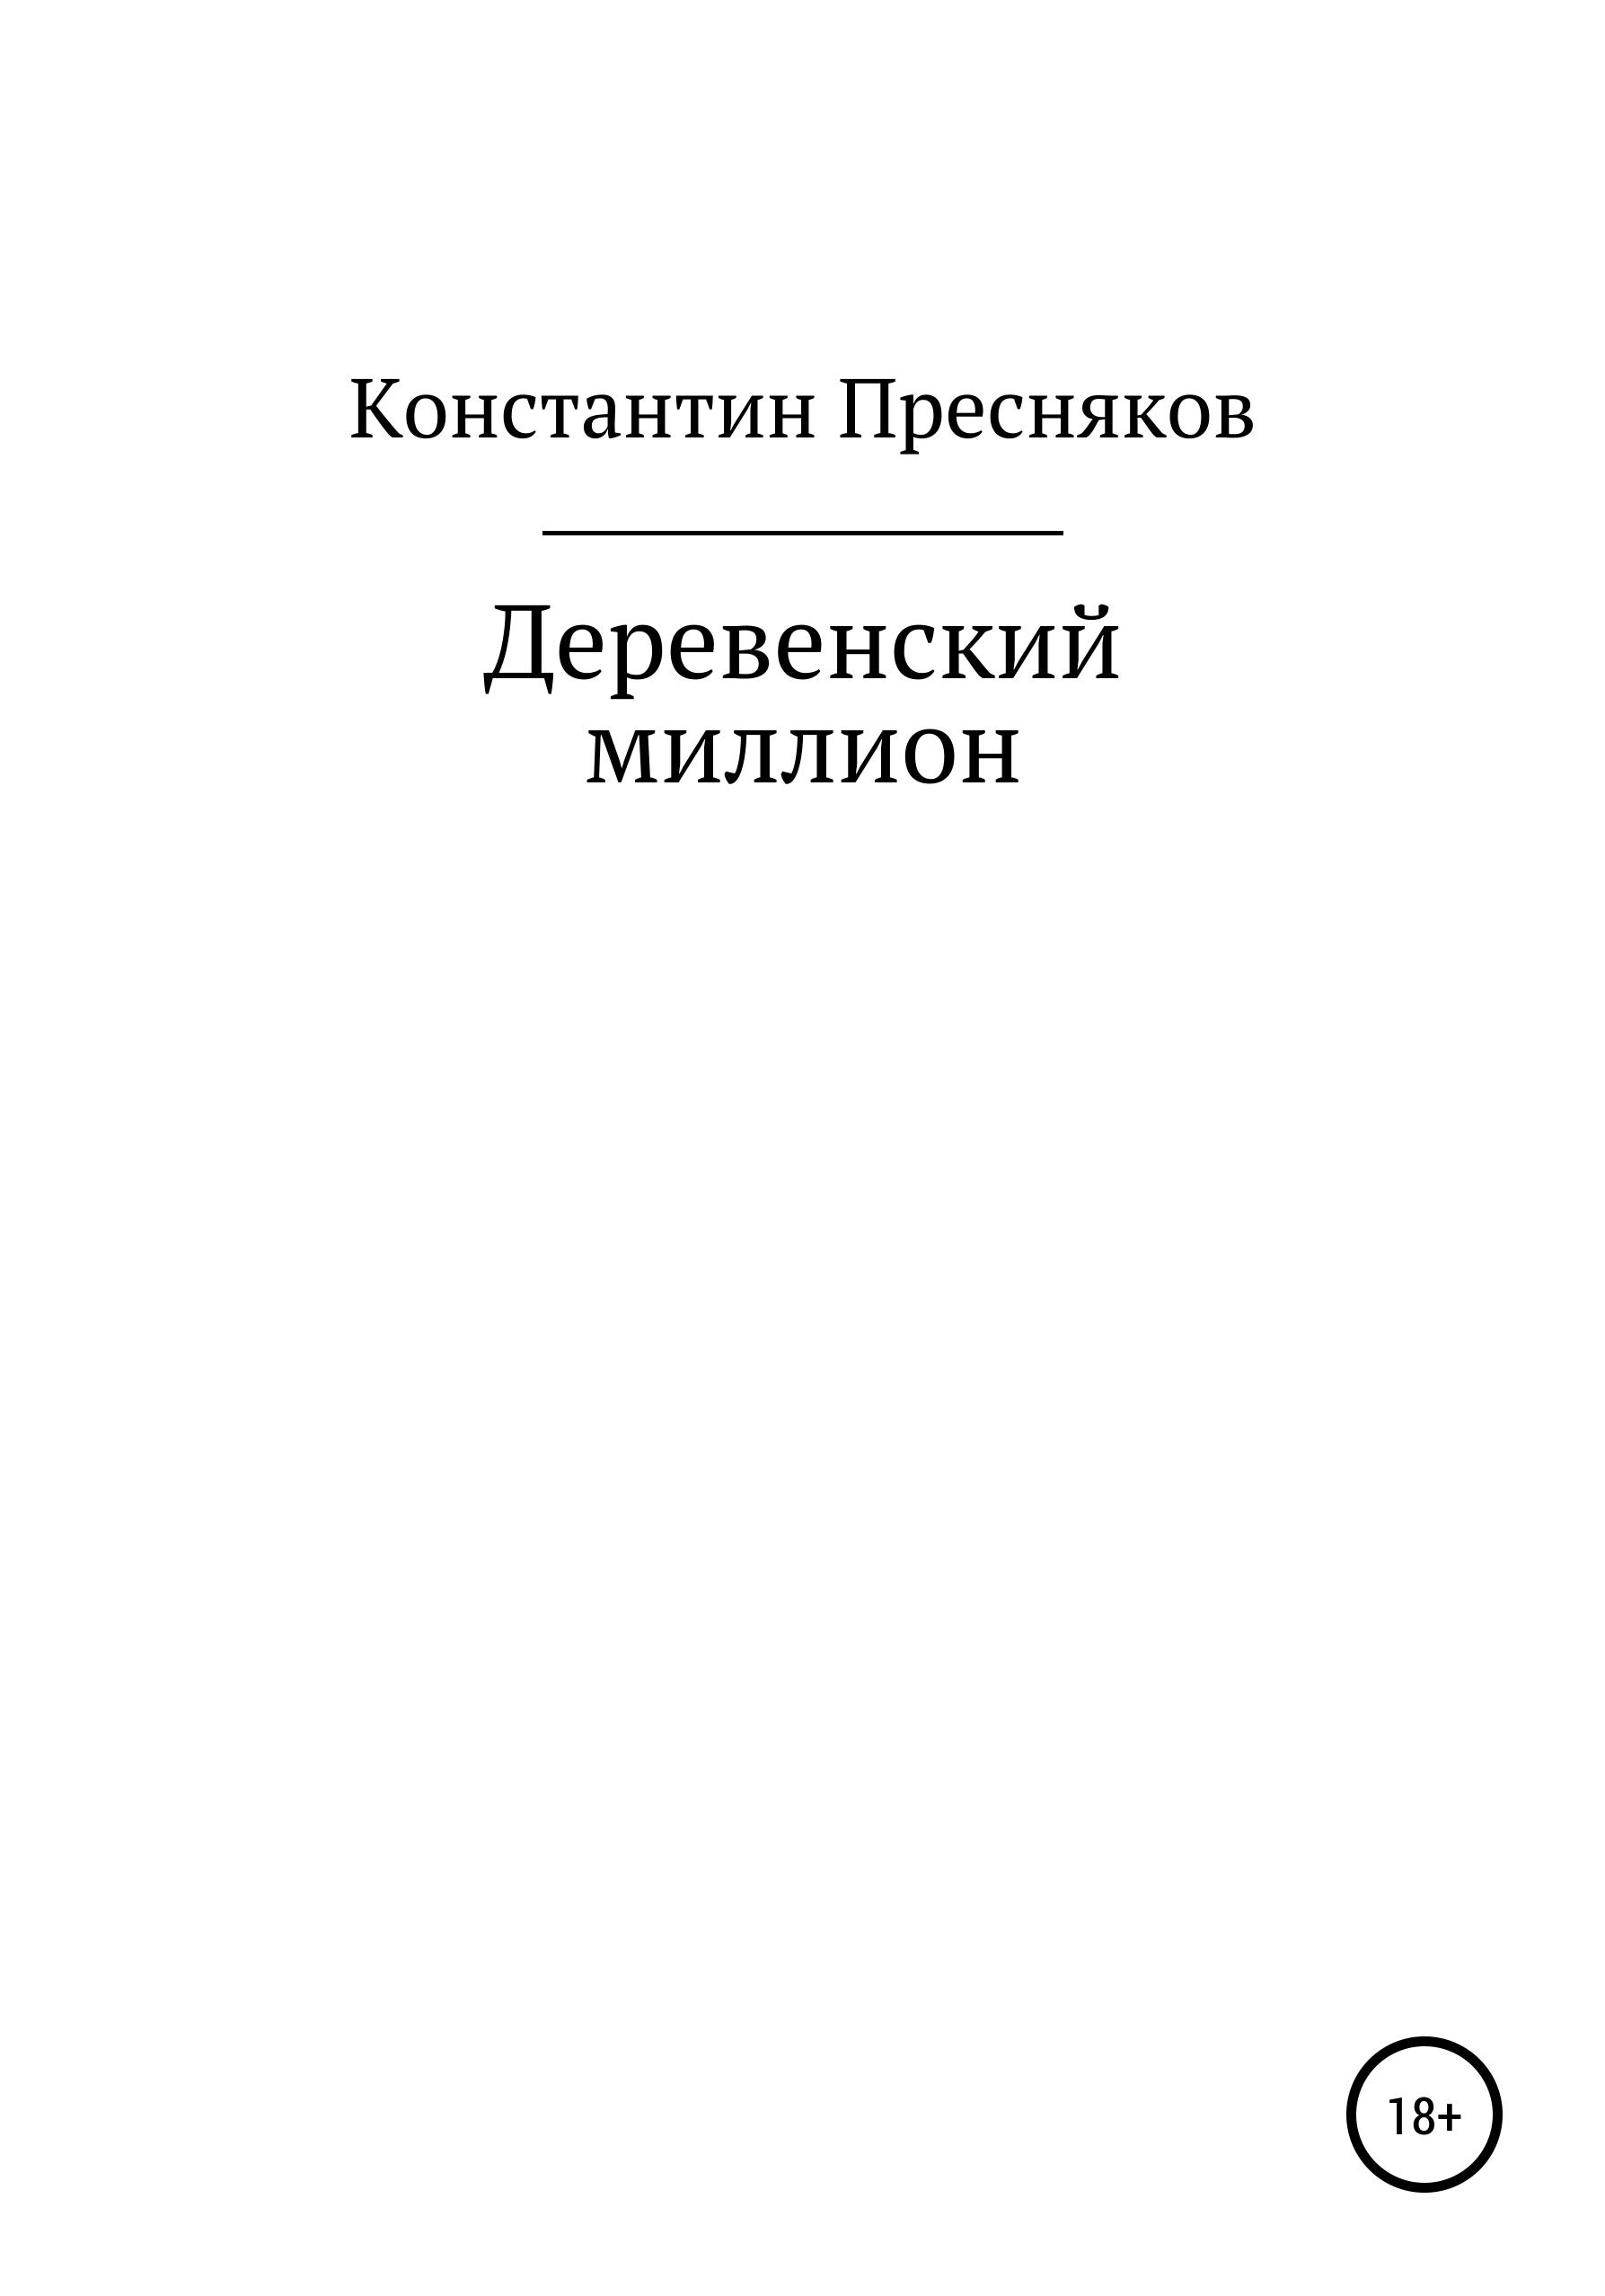 Константин Анатольевич Пресняков Деревенский миллион